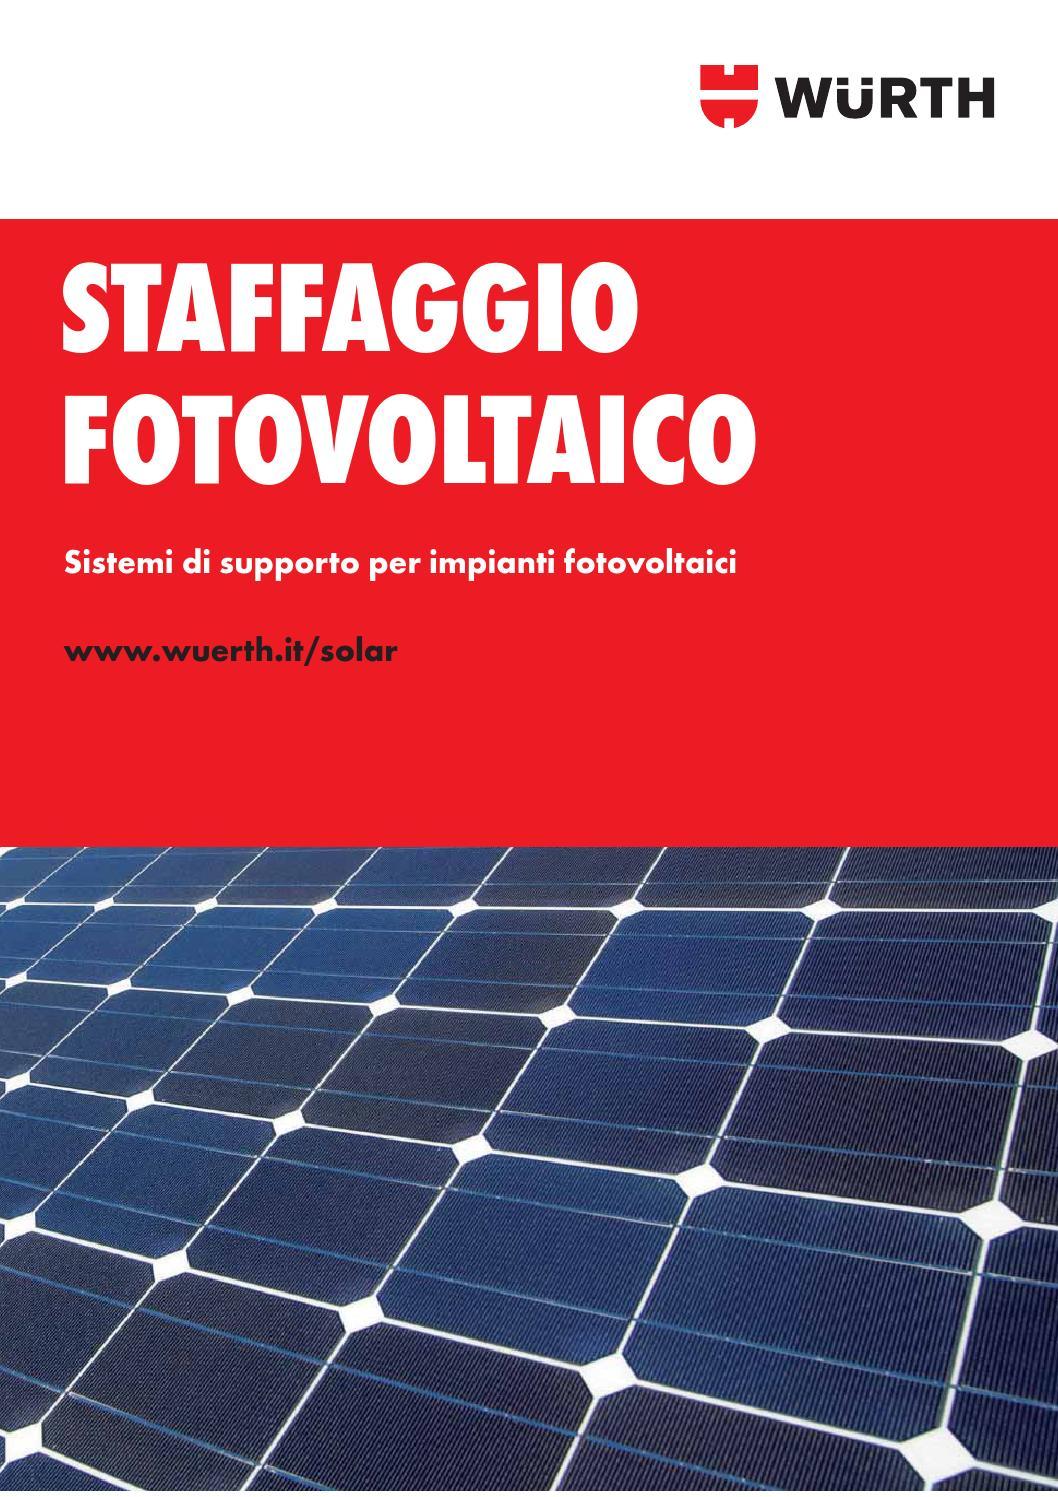 guarnizione nera per tubo Ø 58 mm per pannello pannelli solare solari